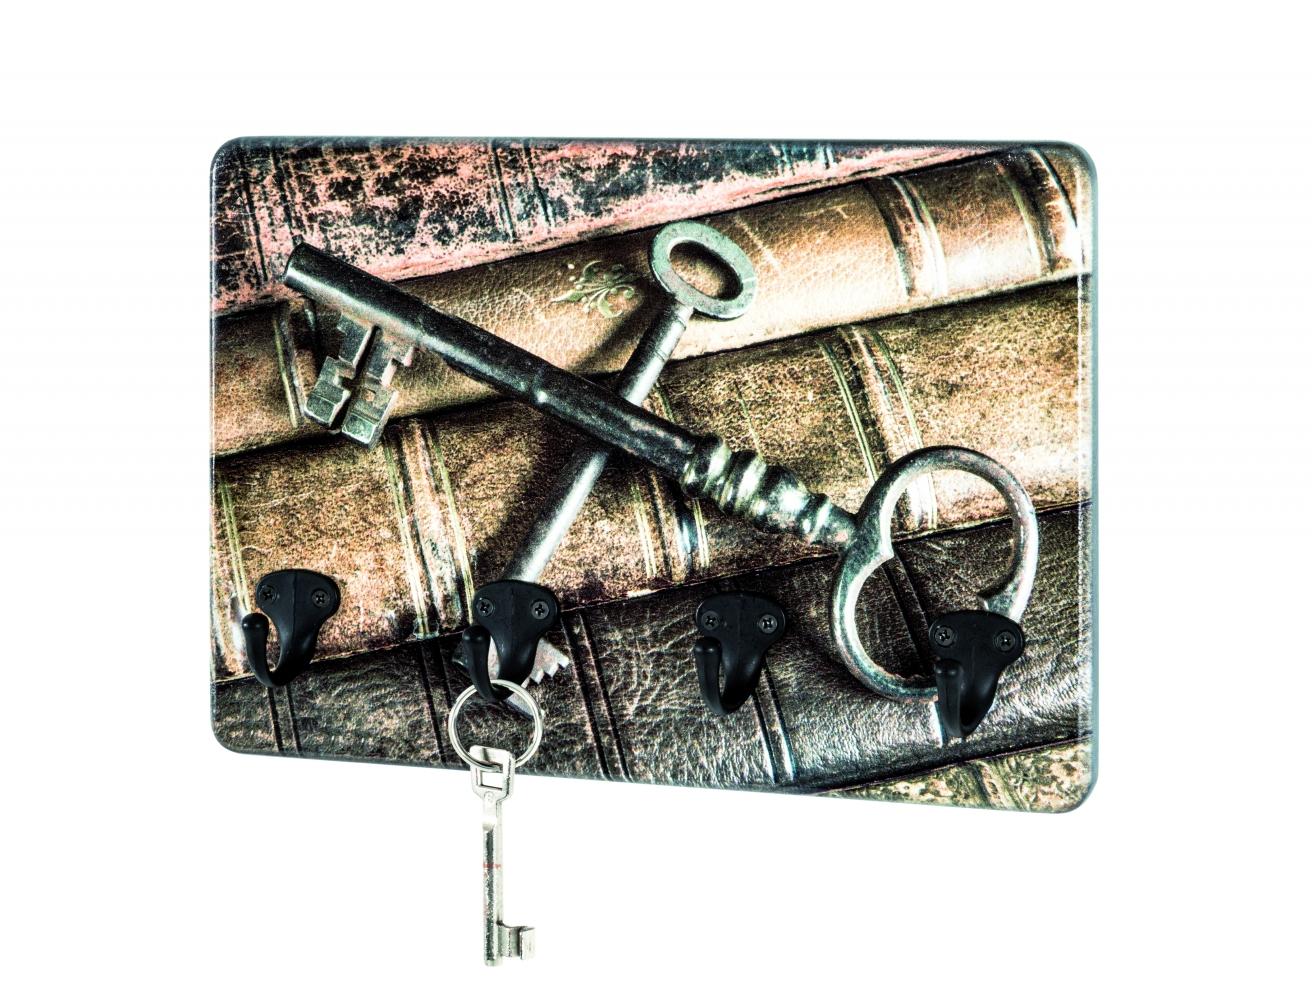 Nástěnný věšák Keys, 30 cm, hnědá